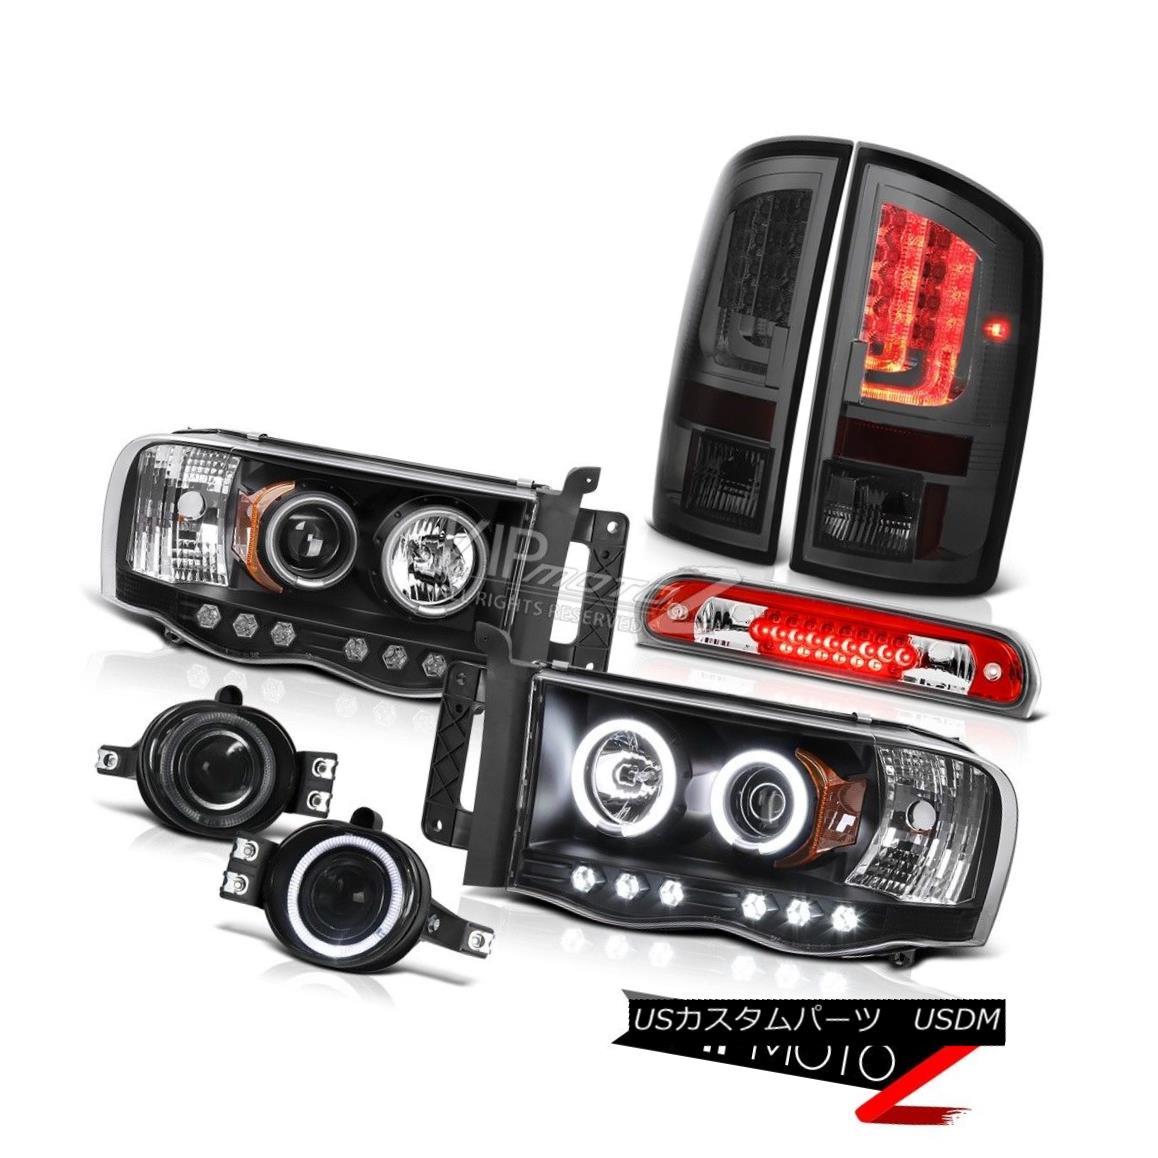 ヘッドライト 02-05 Ram 1500 2500 3500 SLT Taillights Headlights Fog Lights High STop Light 02-05 Ram 1500 2500 3500 SLTターンライトヘッドライトフォグライトHigh STOPライト